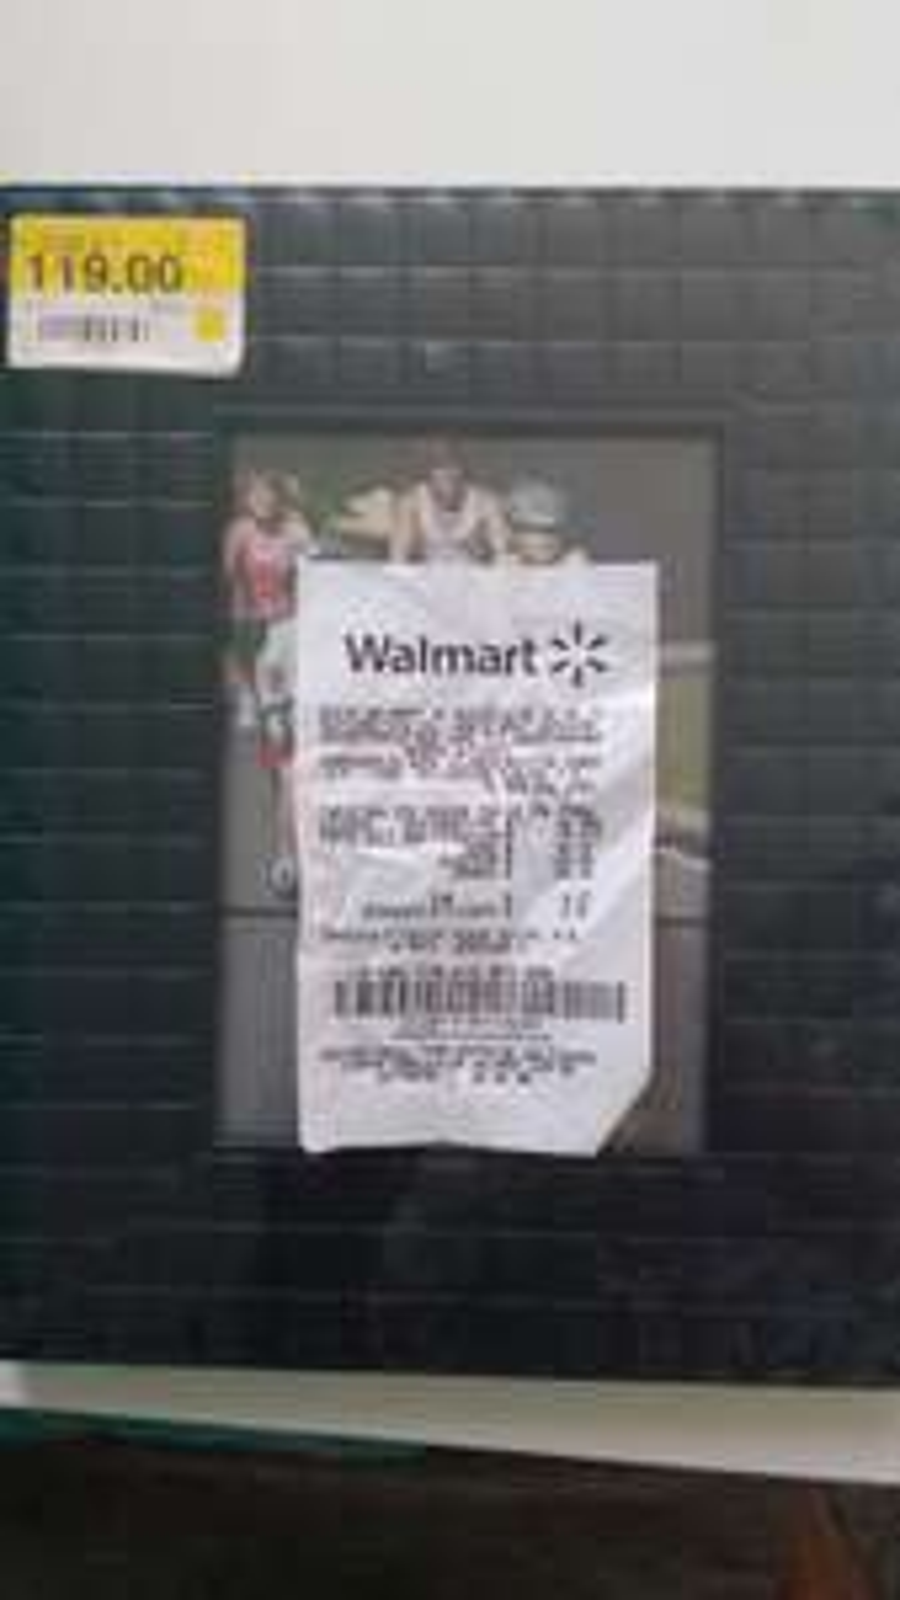 Walmart Cuemanco: Portaretrato de $119 a $19.01